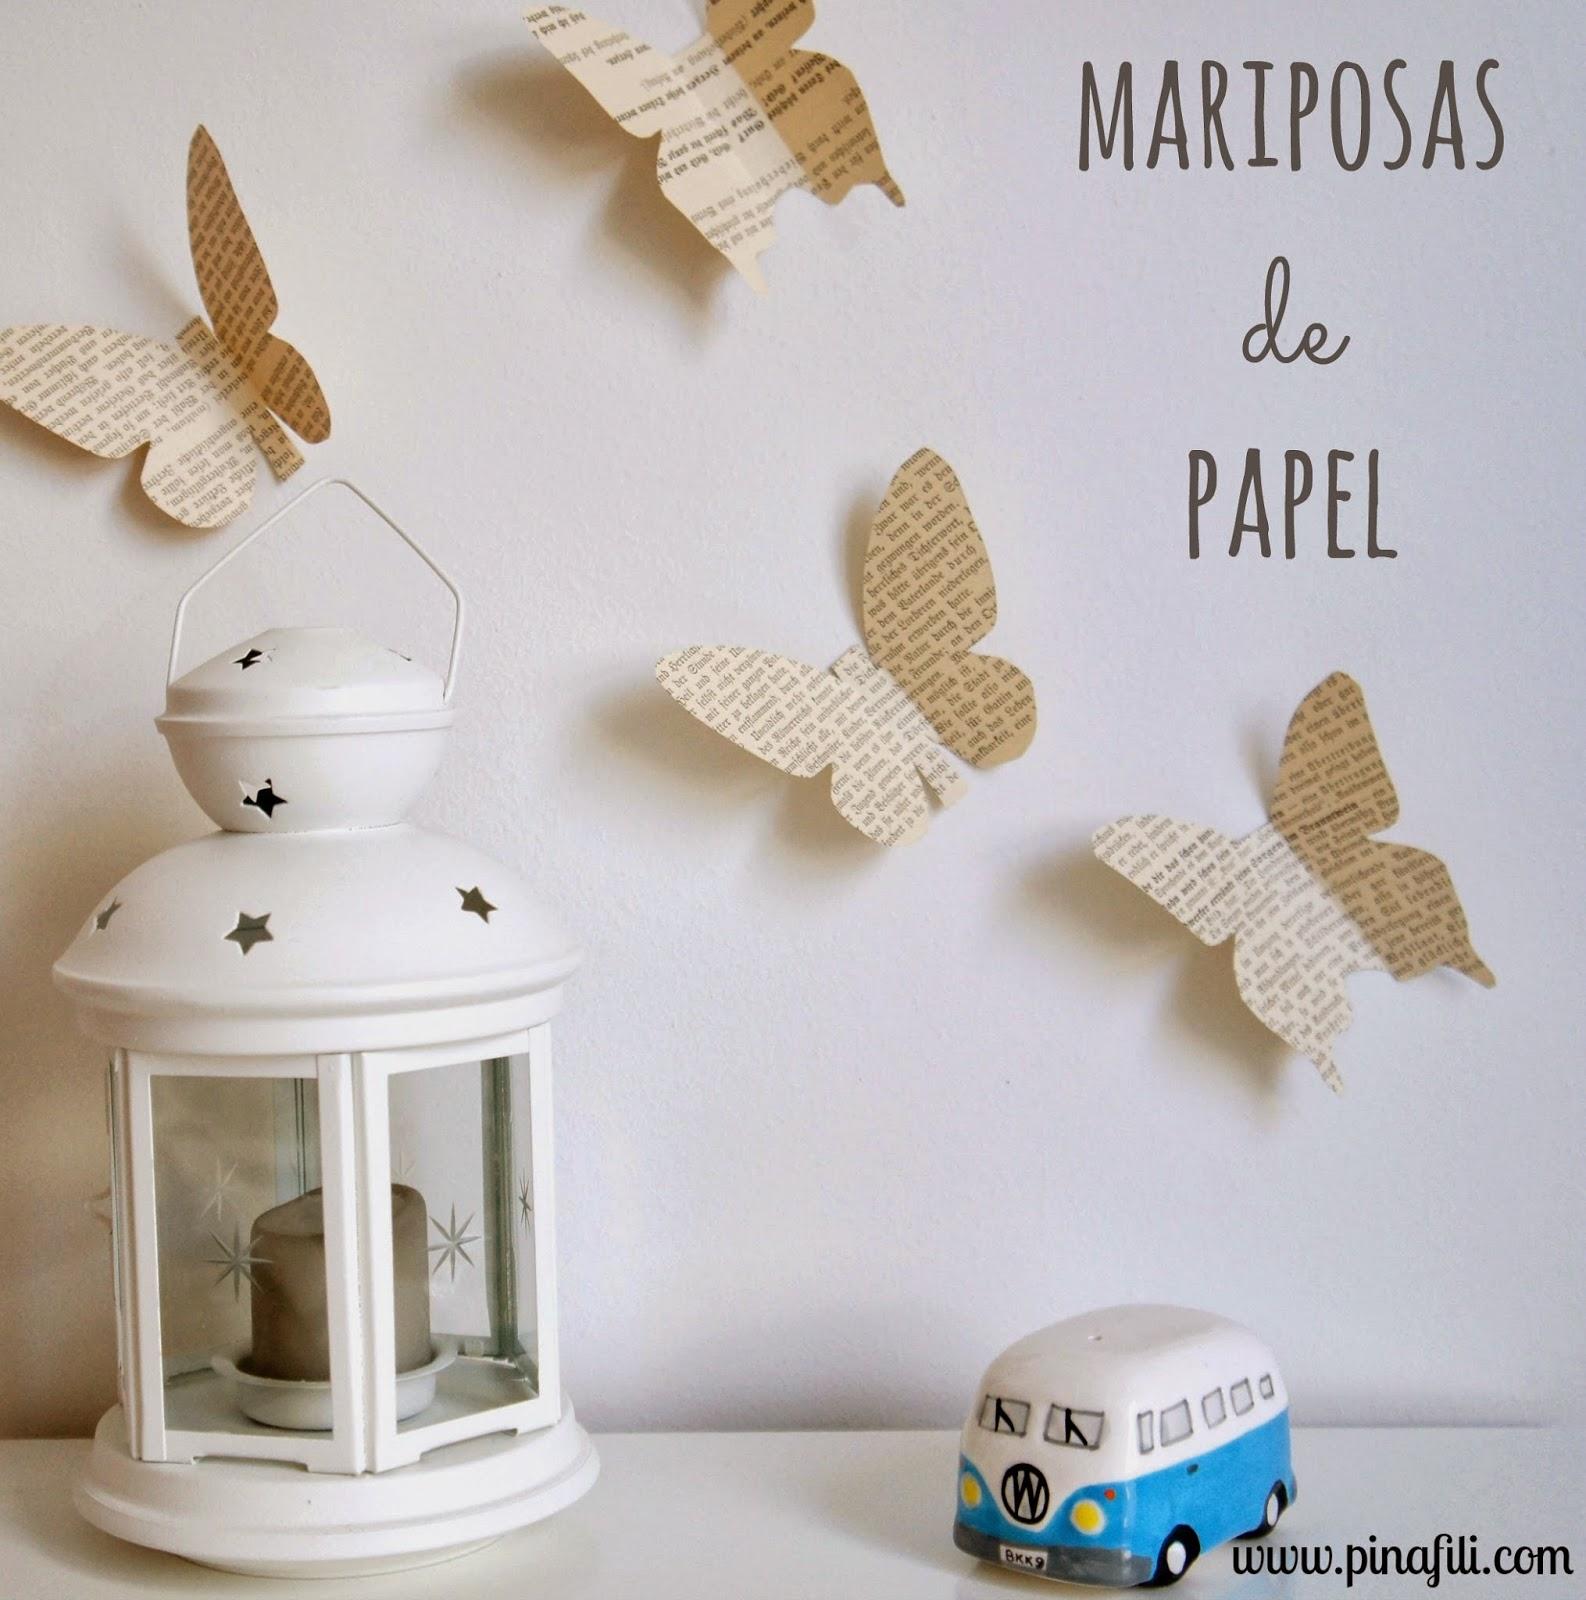 Pinafili diy mariposas de papel para decorar - Construir y decorar casas ...